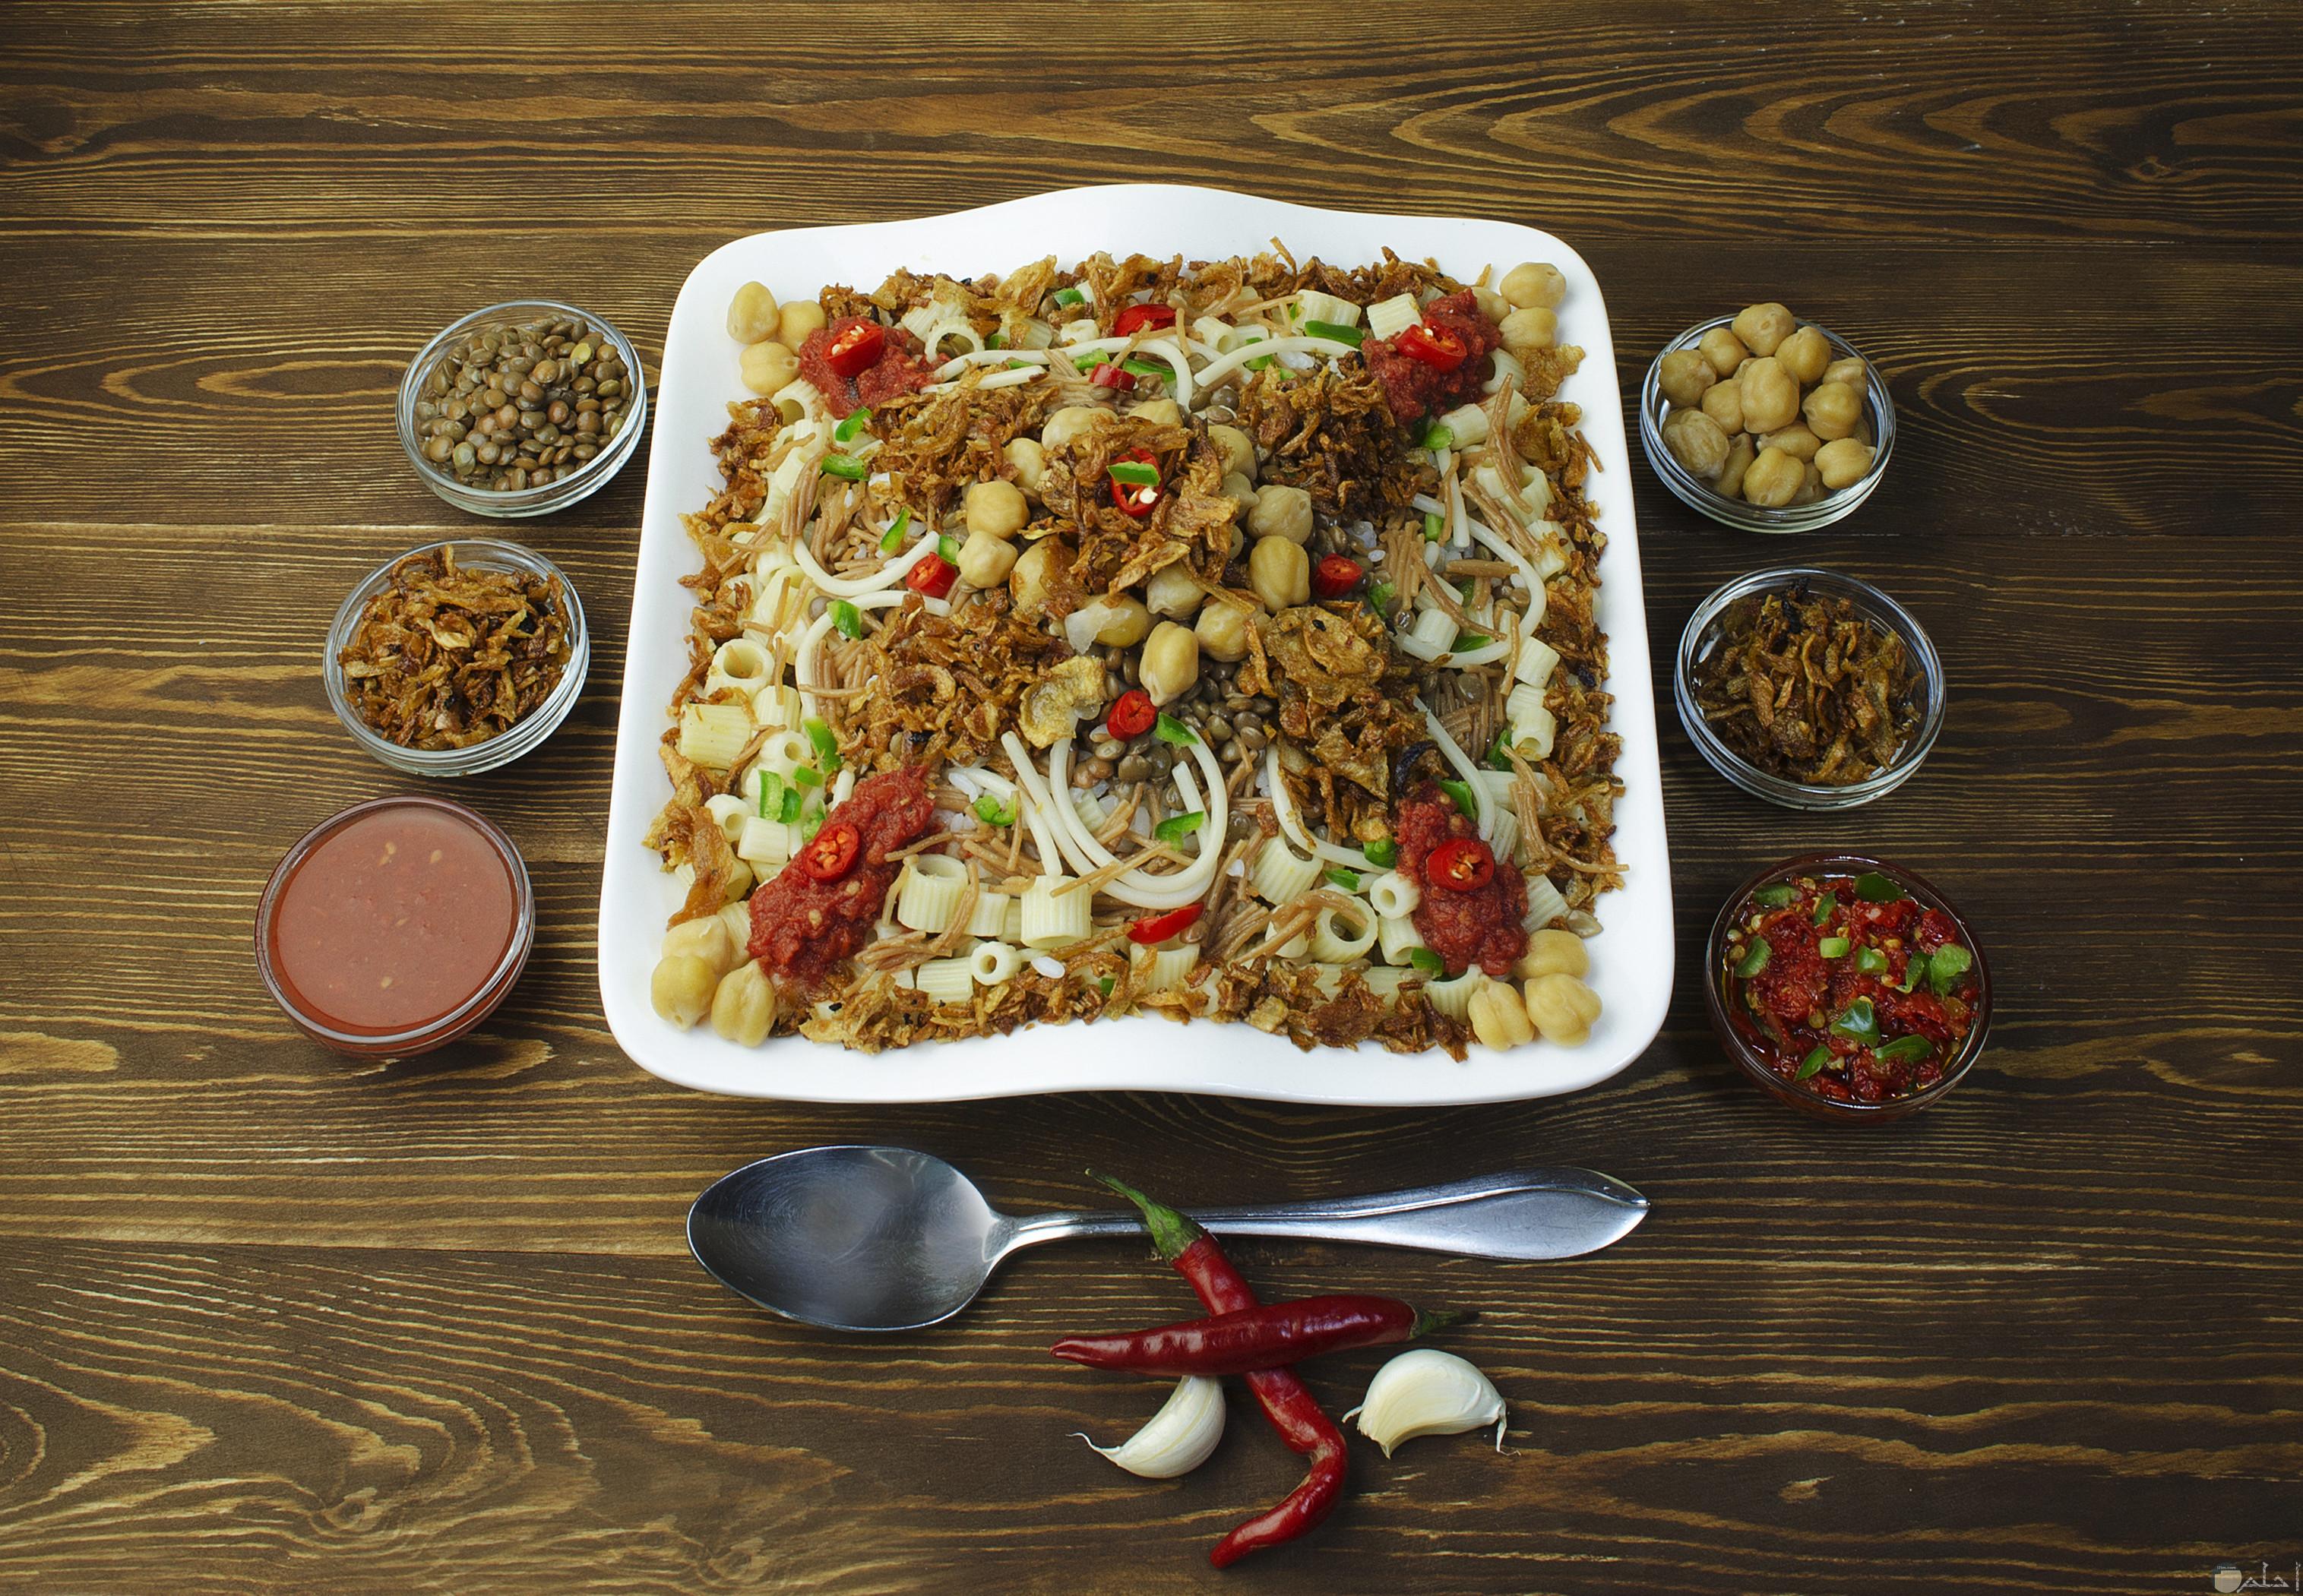 صورة لطبق الكشري المصري بجانبه اطباق الشطه والصلصة والحمص